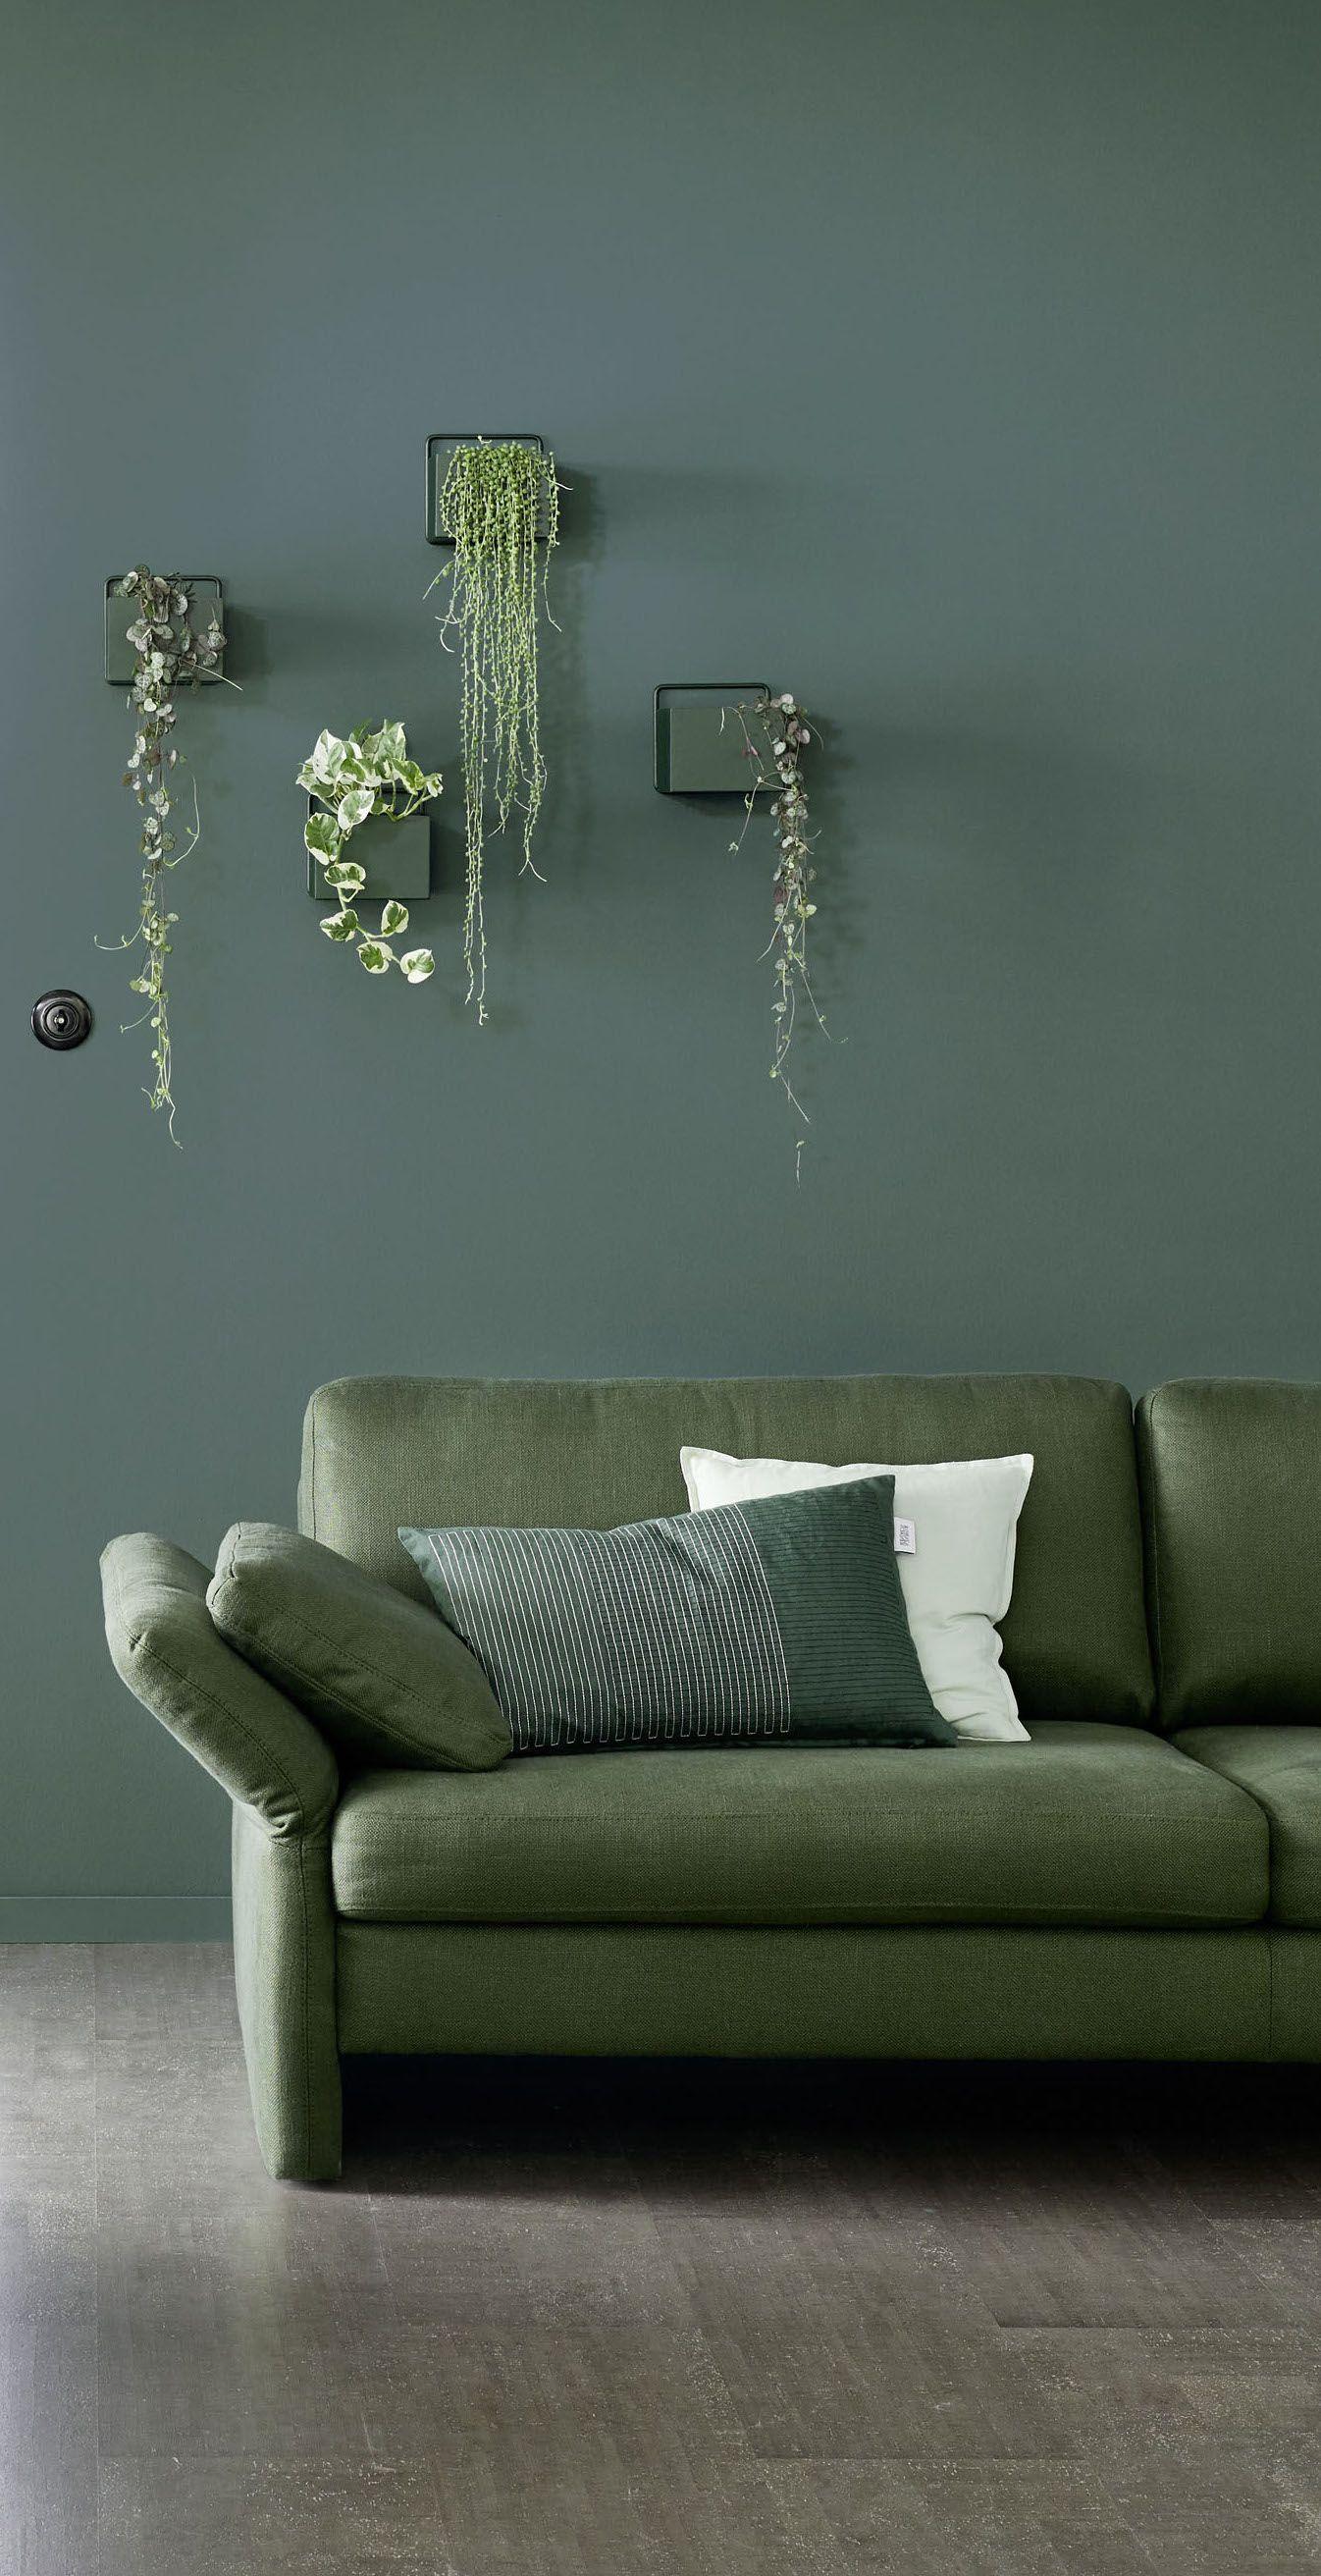 Wandfarbe Grun Designfarbe Besinnliches Waldgrun Schoner Wohnen Kollektion In 2020 Schoner Wohnen Wandfarbe Schlafzimmerfarbe Wandfarbe Grun